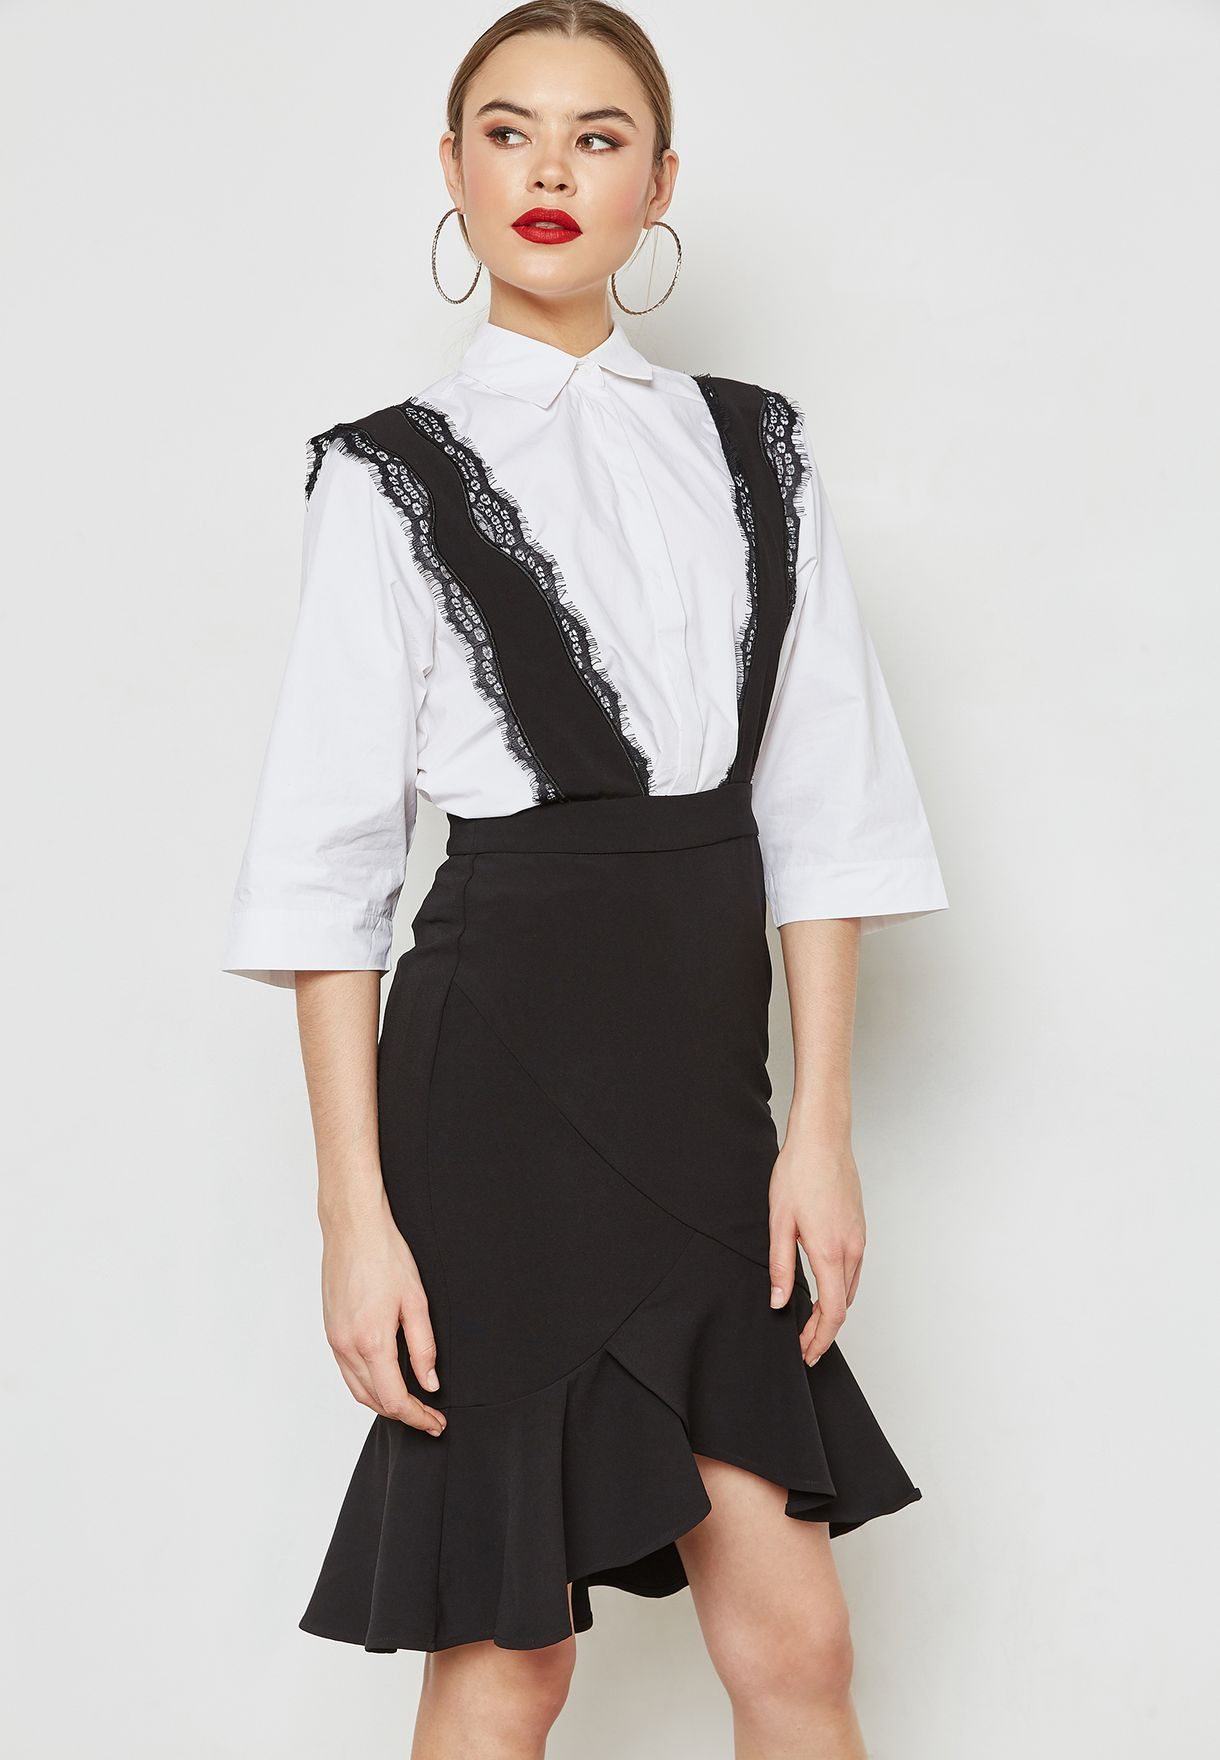 95a6d12d6b4f6 تسوق فستان بأجزاء كشكش ماركة ايلا لون أسود 163  في الامارات ...